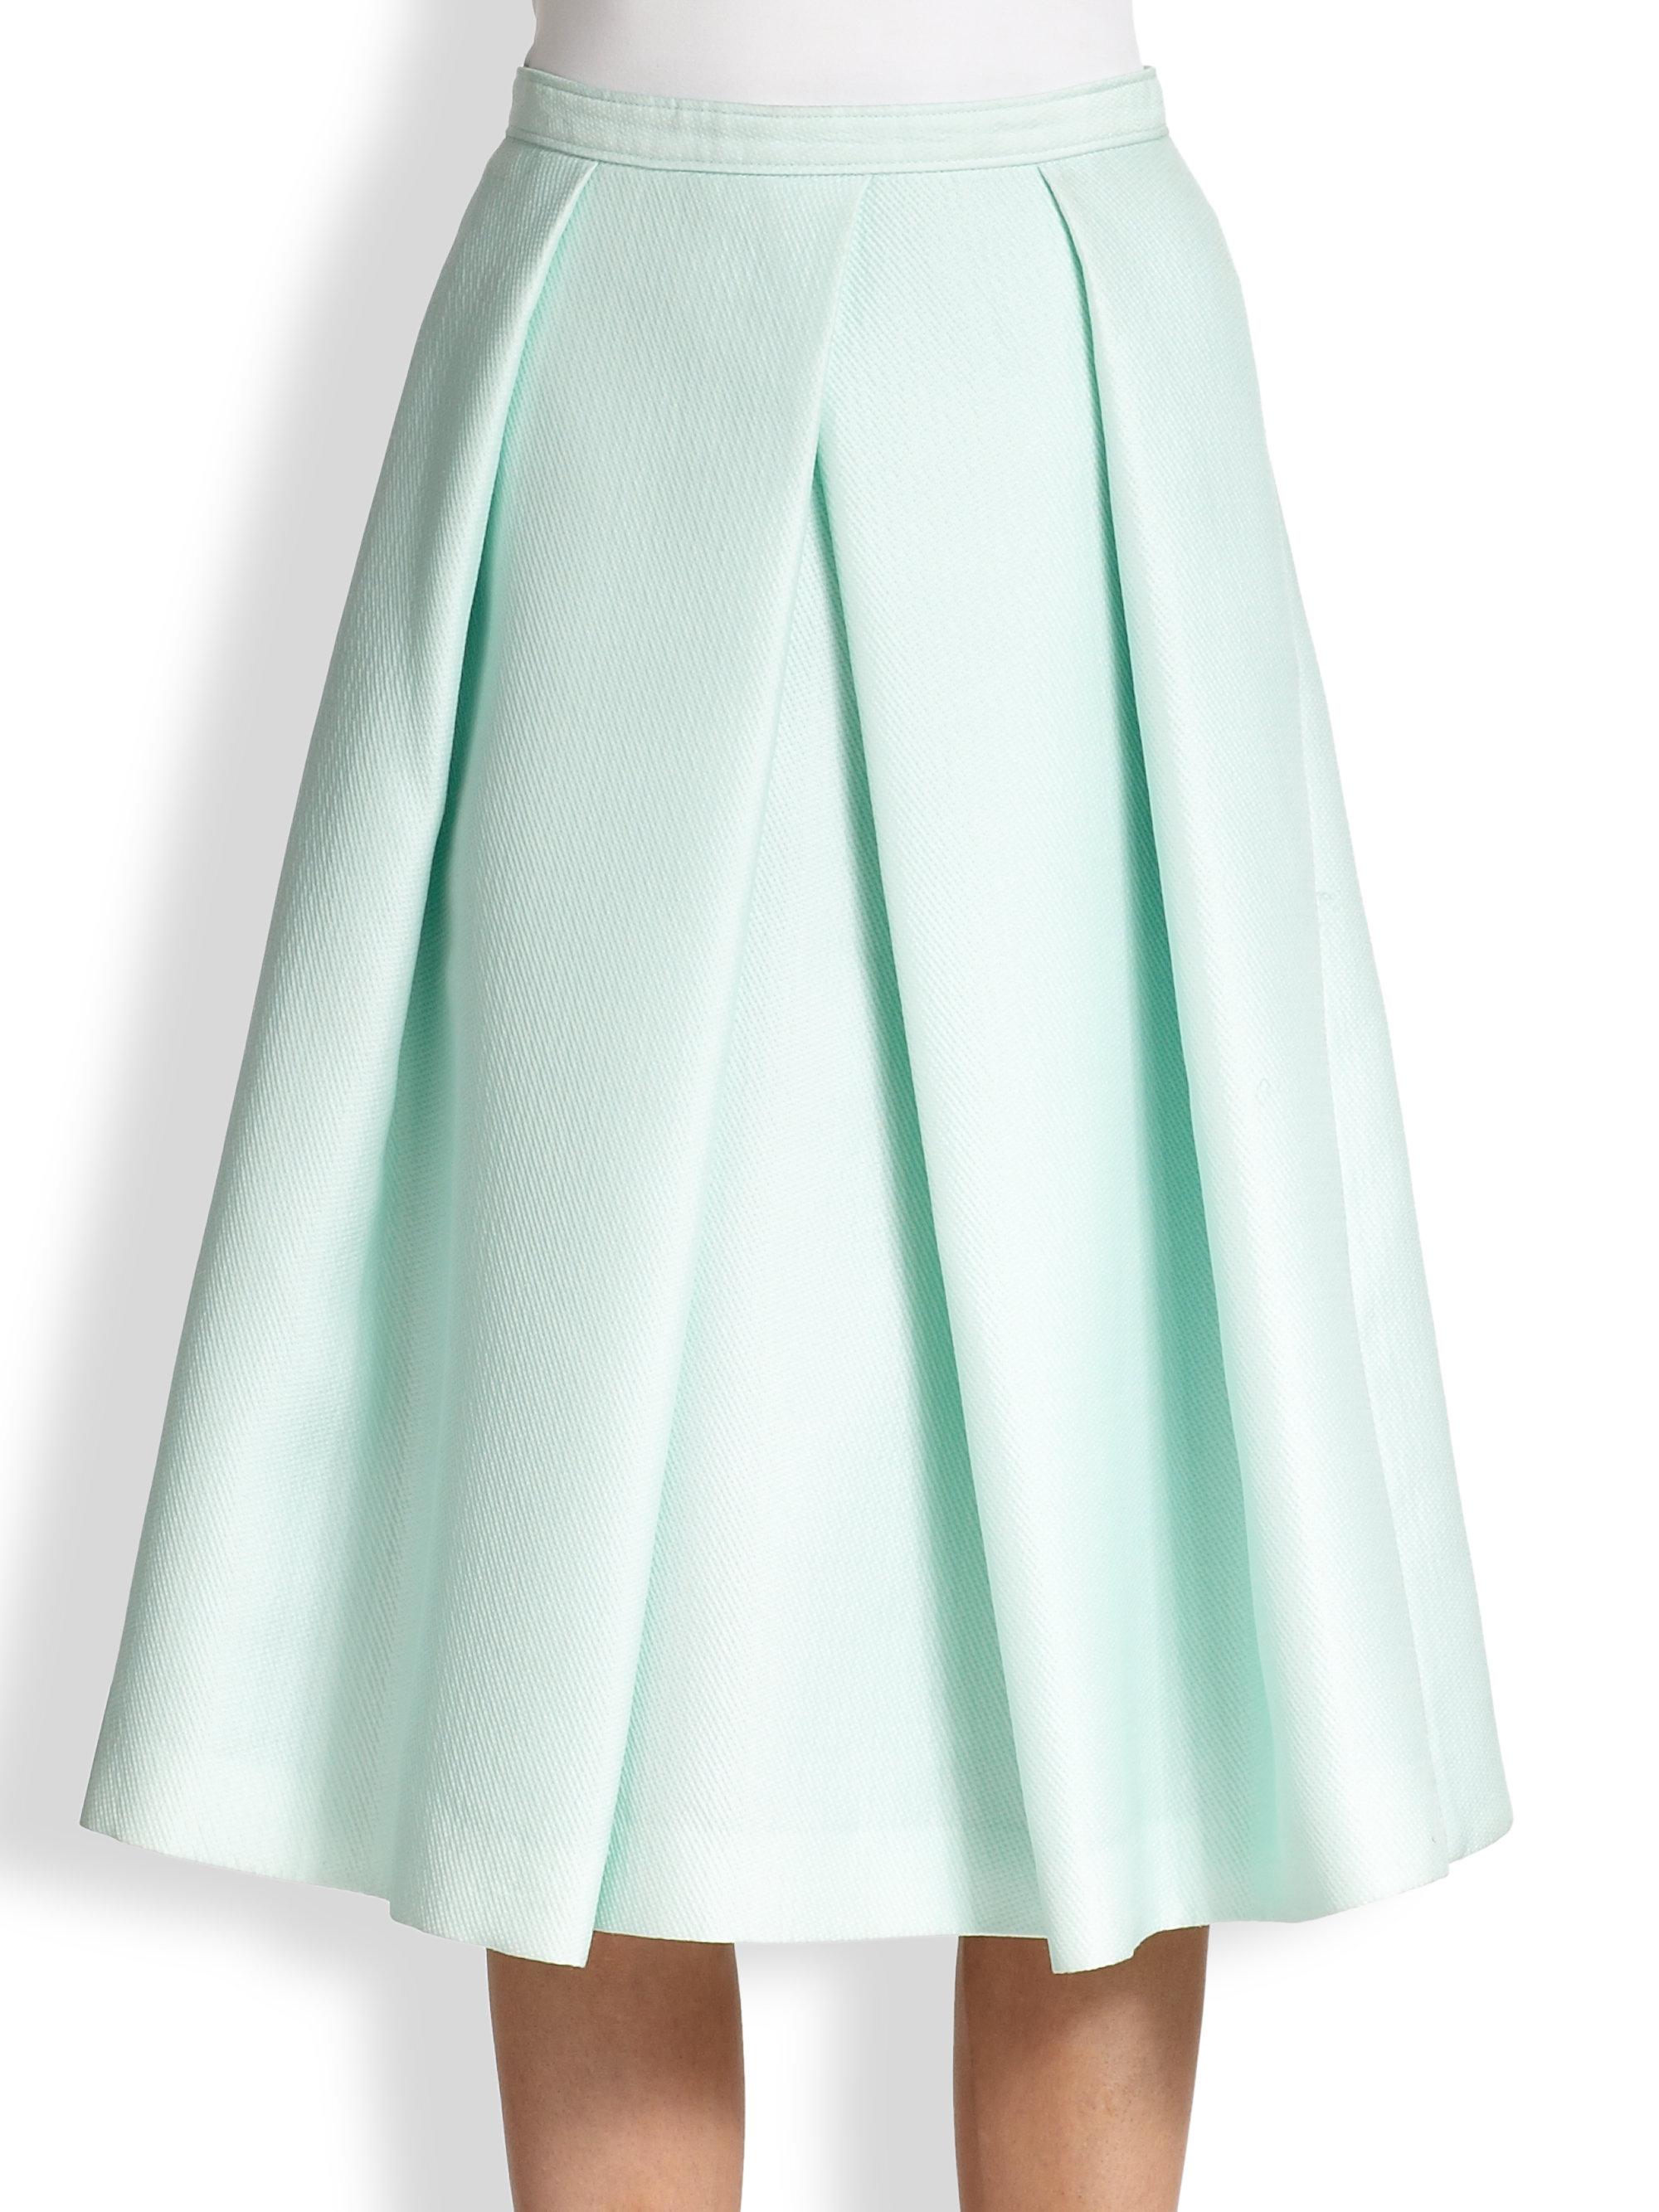 Tibi Asymmetrical Pleated Aline Skirt in Green | Lyst